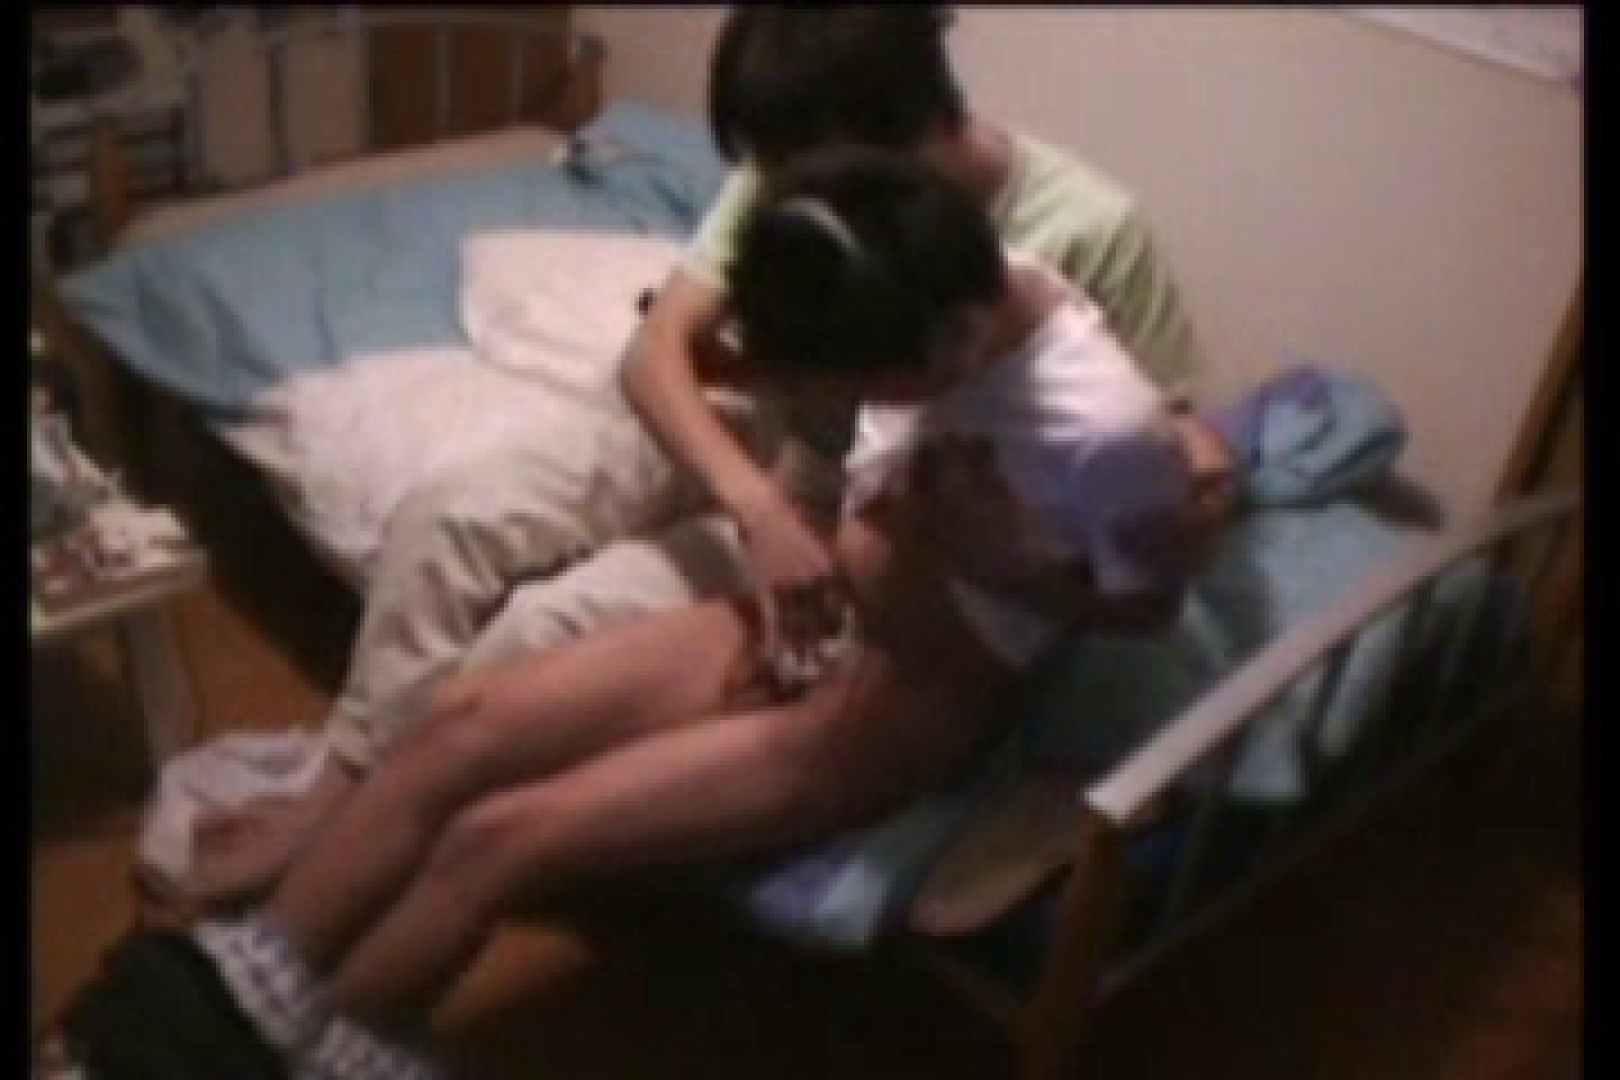 【実録投稿】友達覗撮In my room!! 射精  102pic 13